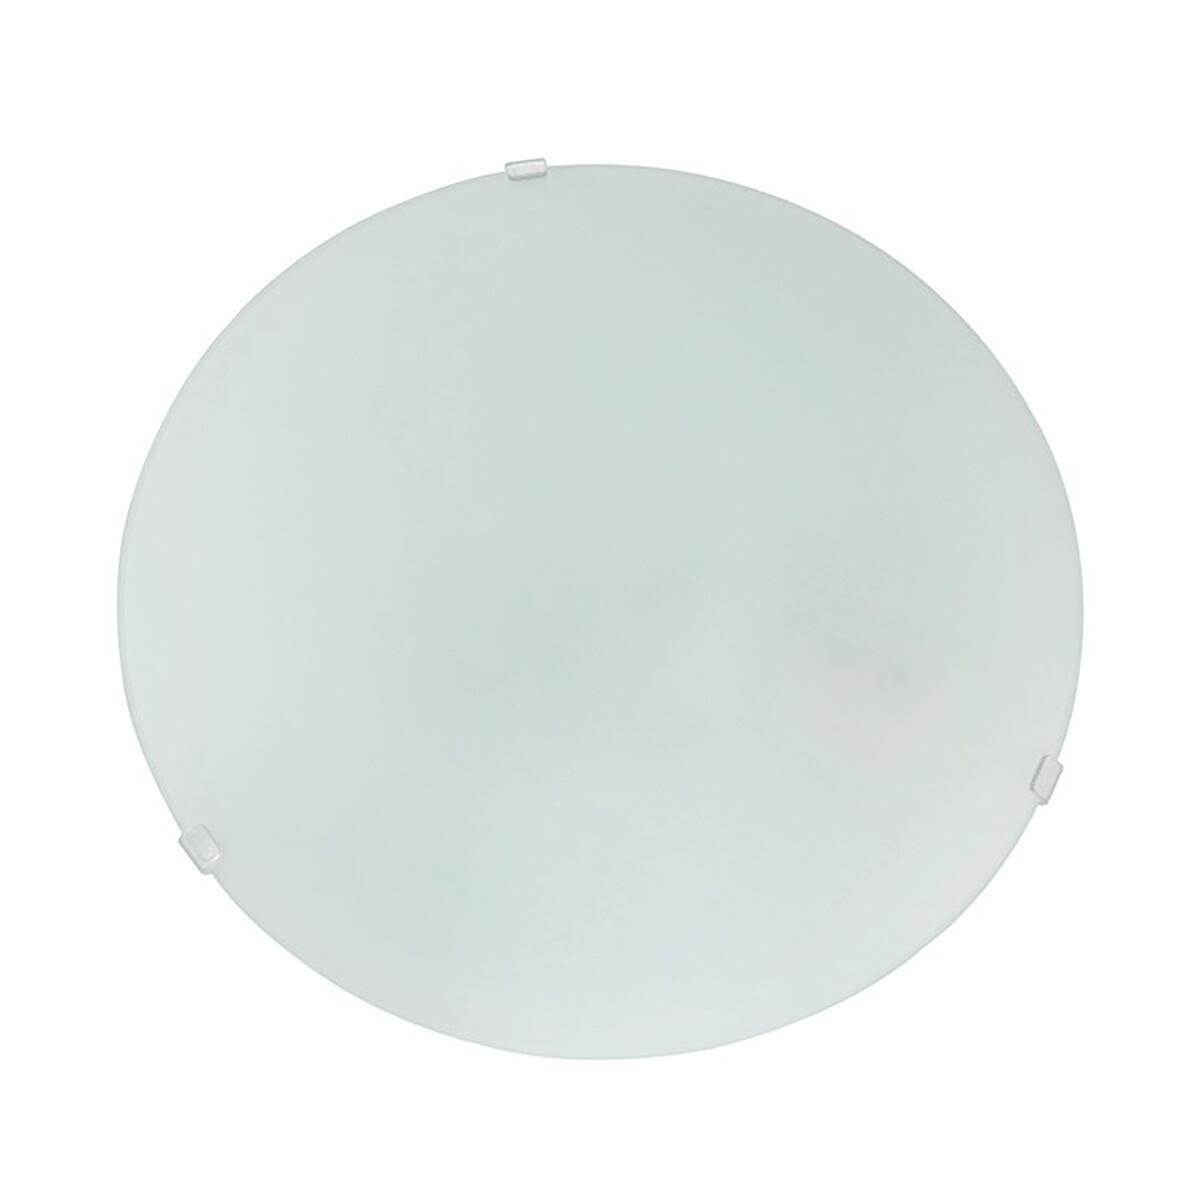 Plafoniera classico Pluton bianco, in cristallo, D. 25 cm 25x25 cm, - 2